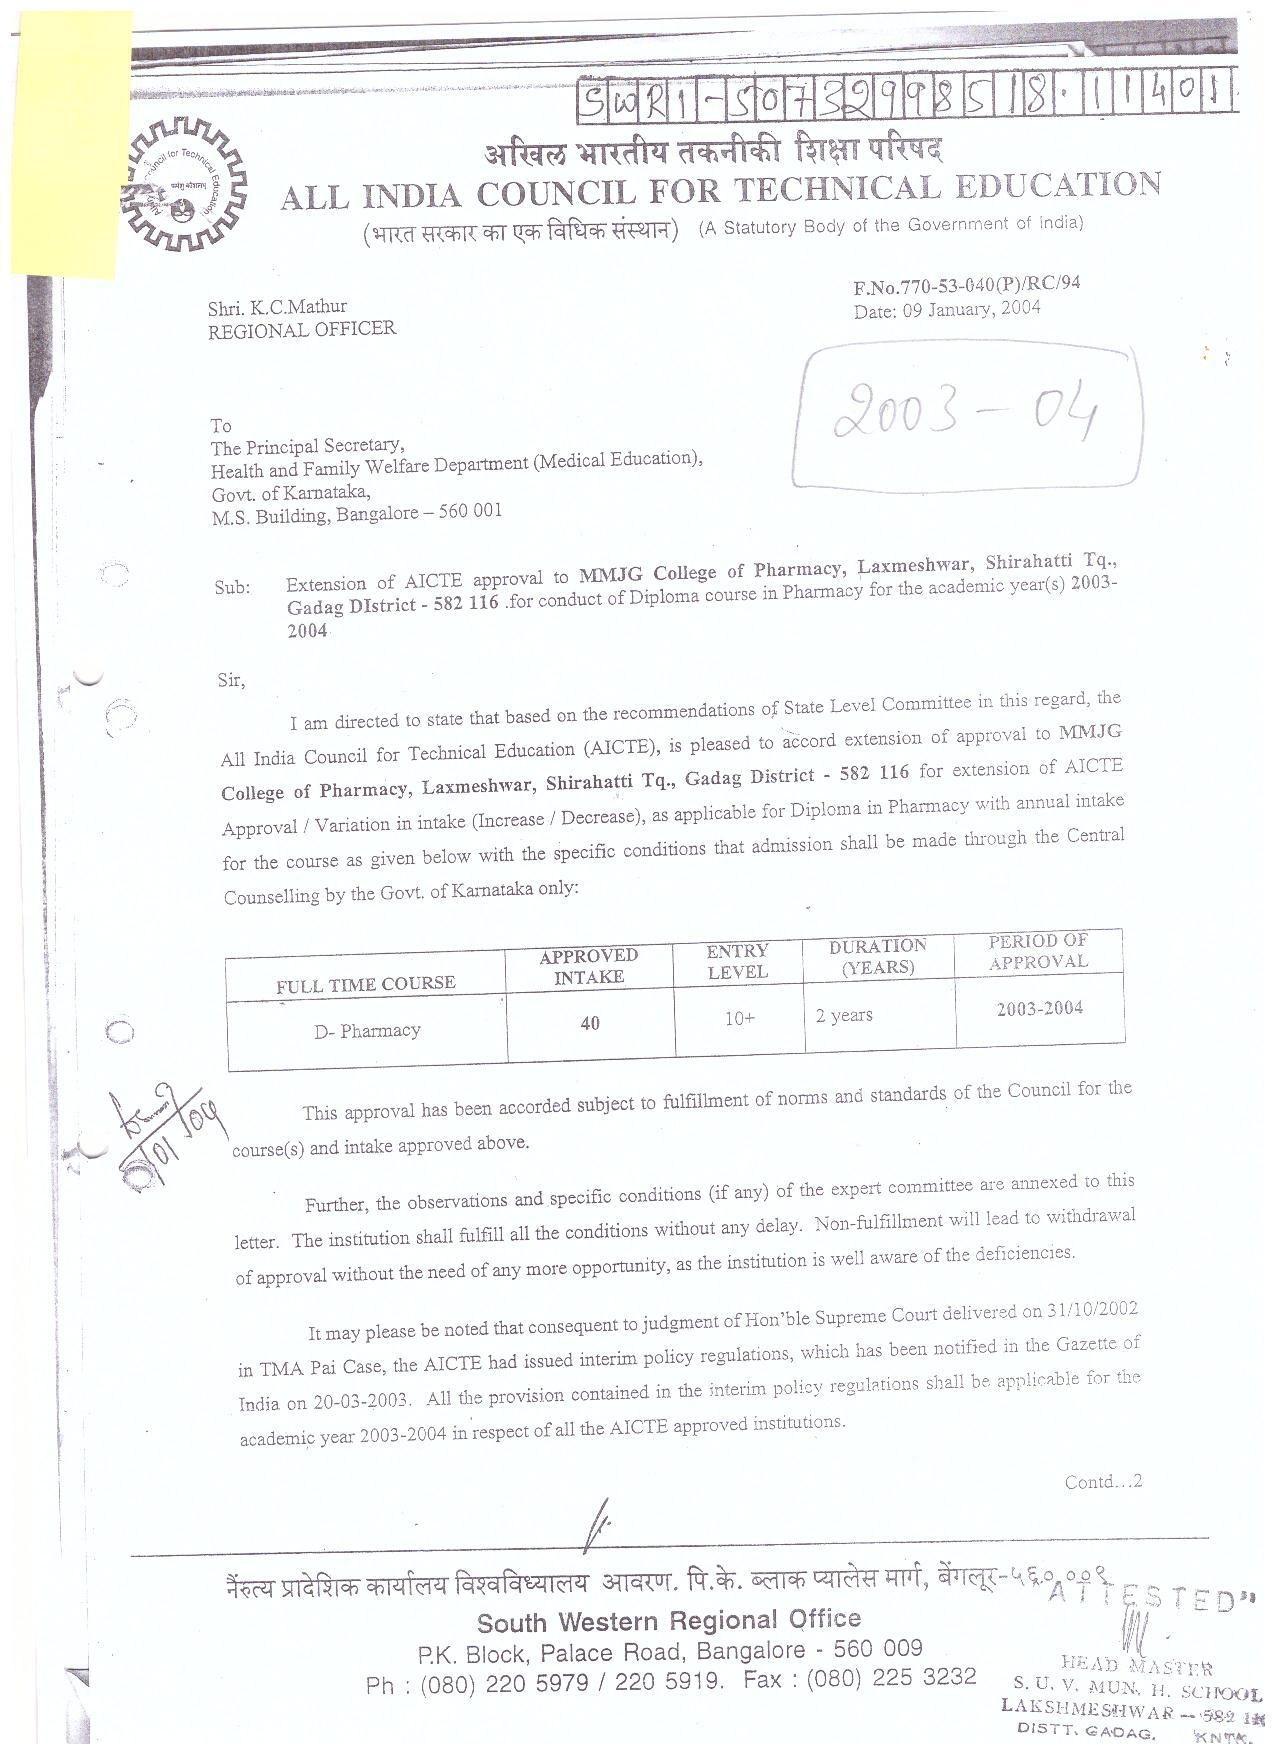 AICTE Approval Copy 2003-2004 (1)